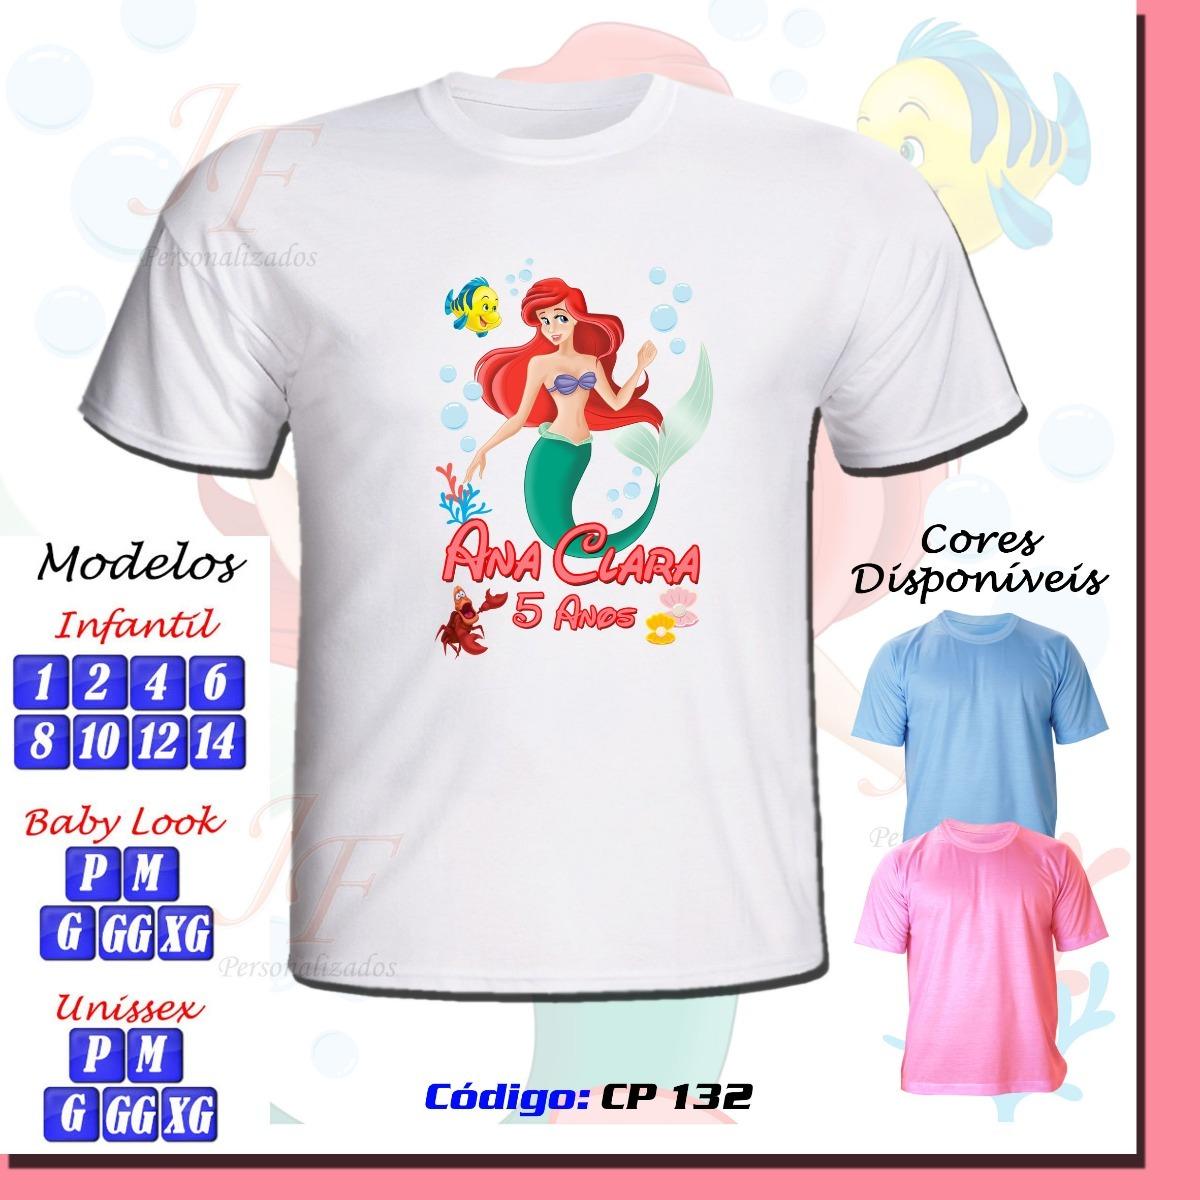 77d3ec776 camiseta personalizada pequena sereia ariel adulto infantil. Carregando  zoom.